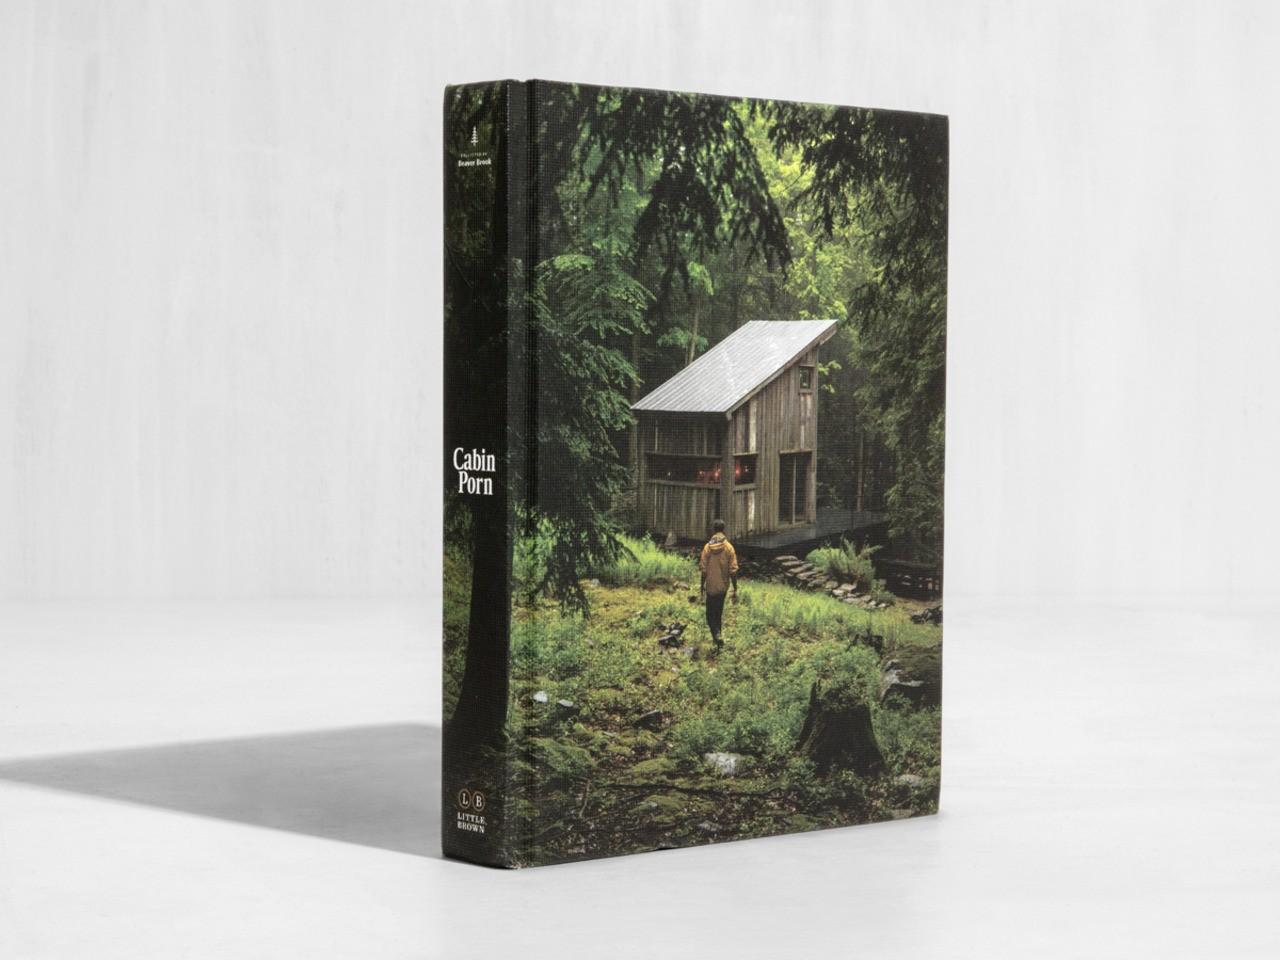 Cabin-porno-book